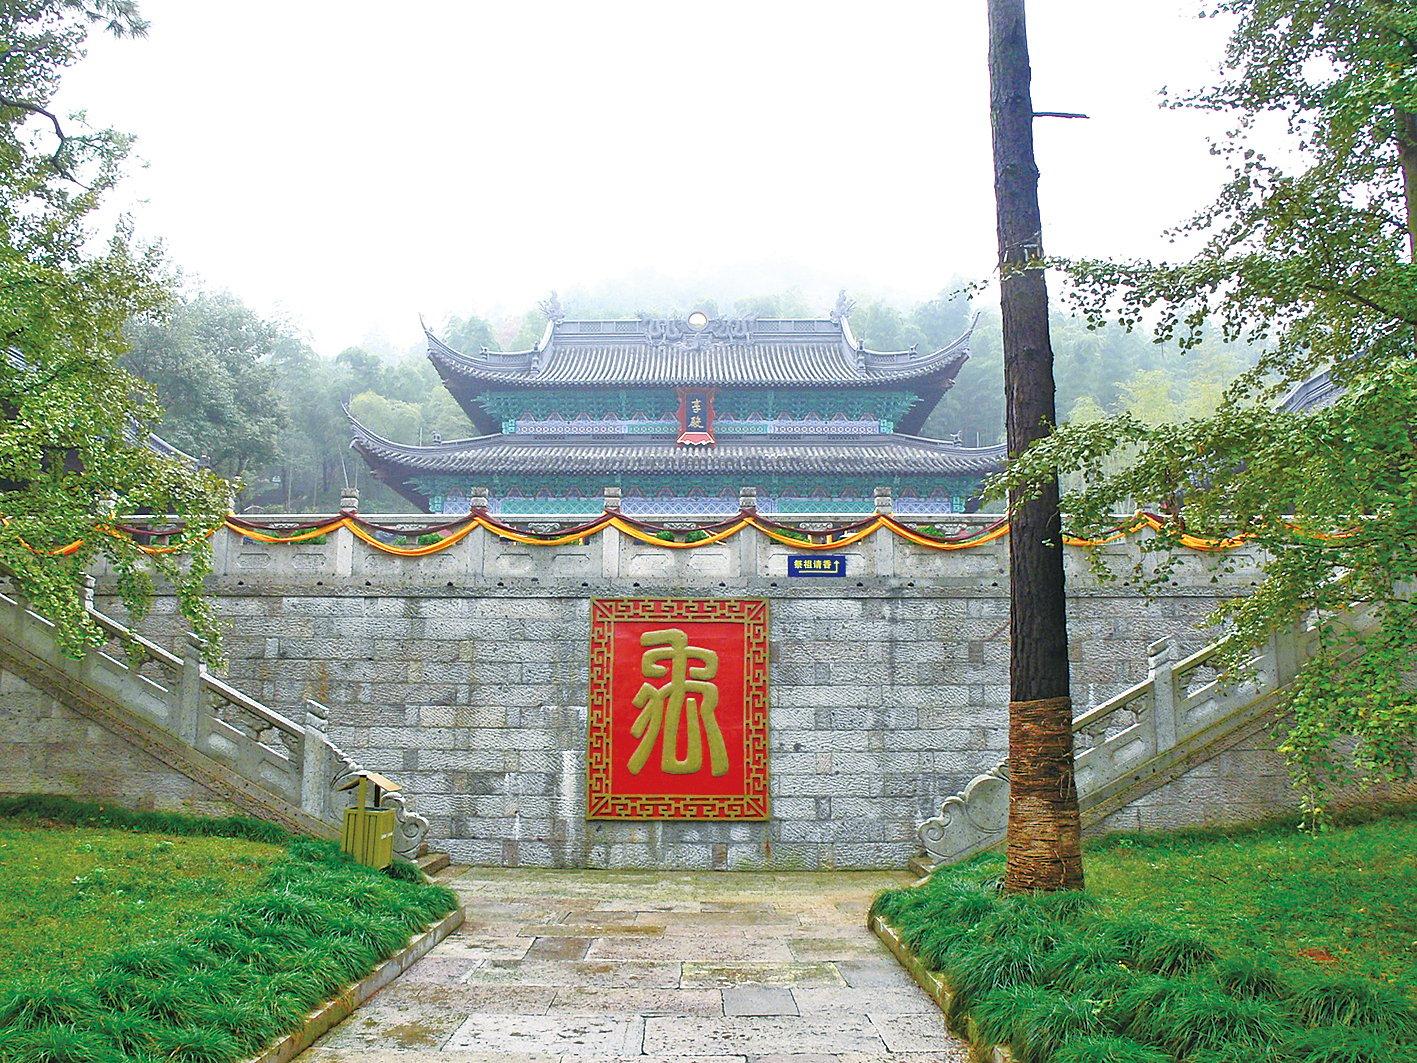 大禹陵之禹廟。 (Gisling/維基百科公共領域)